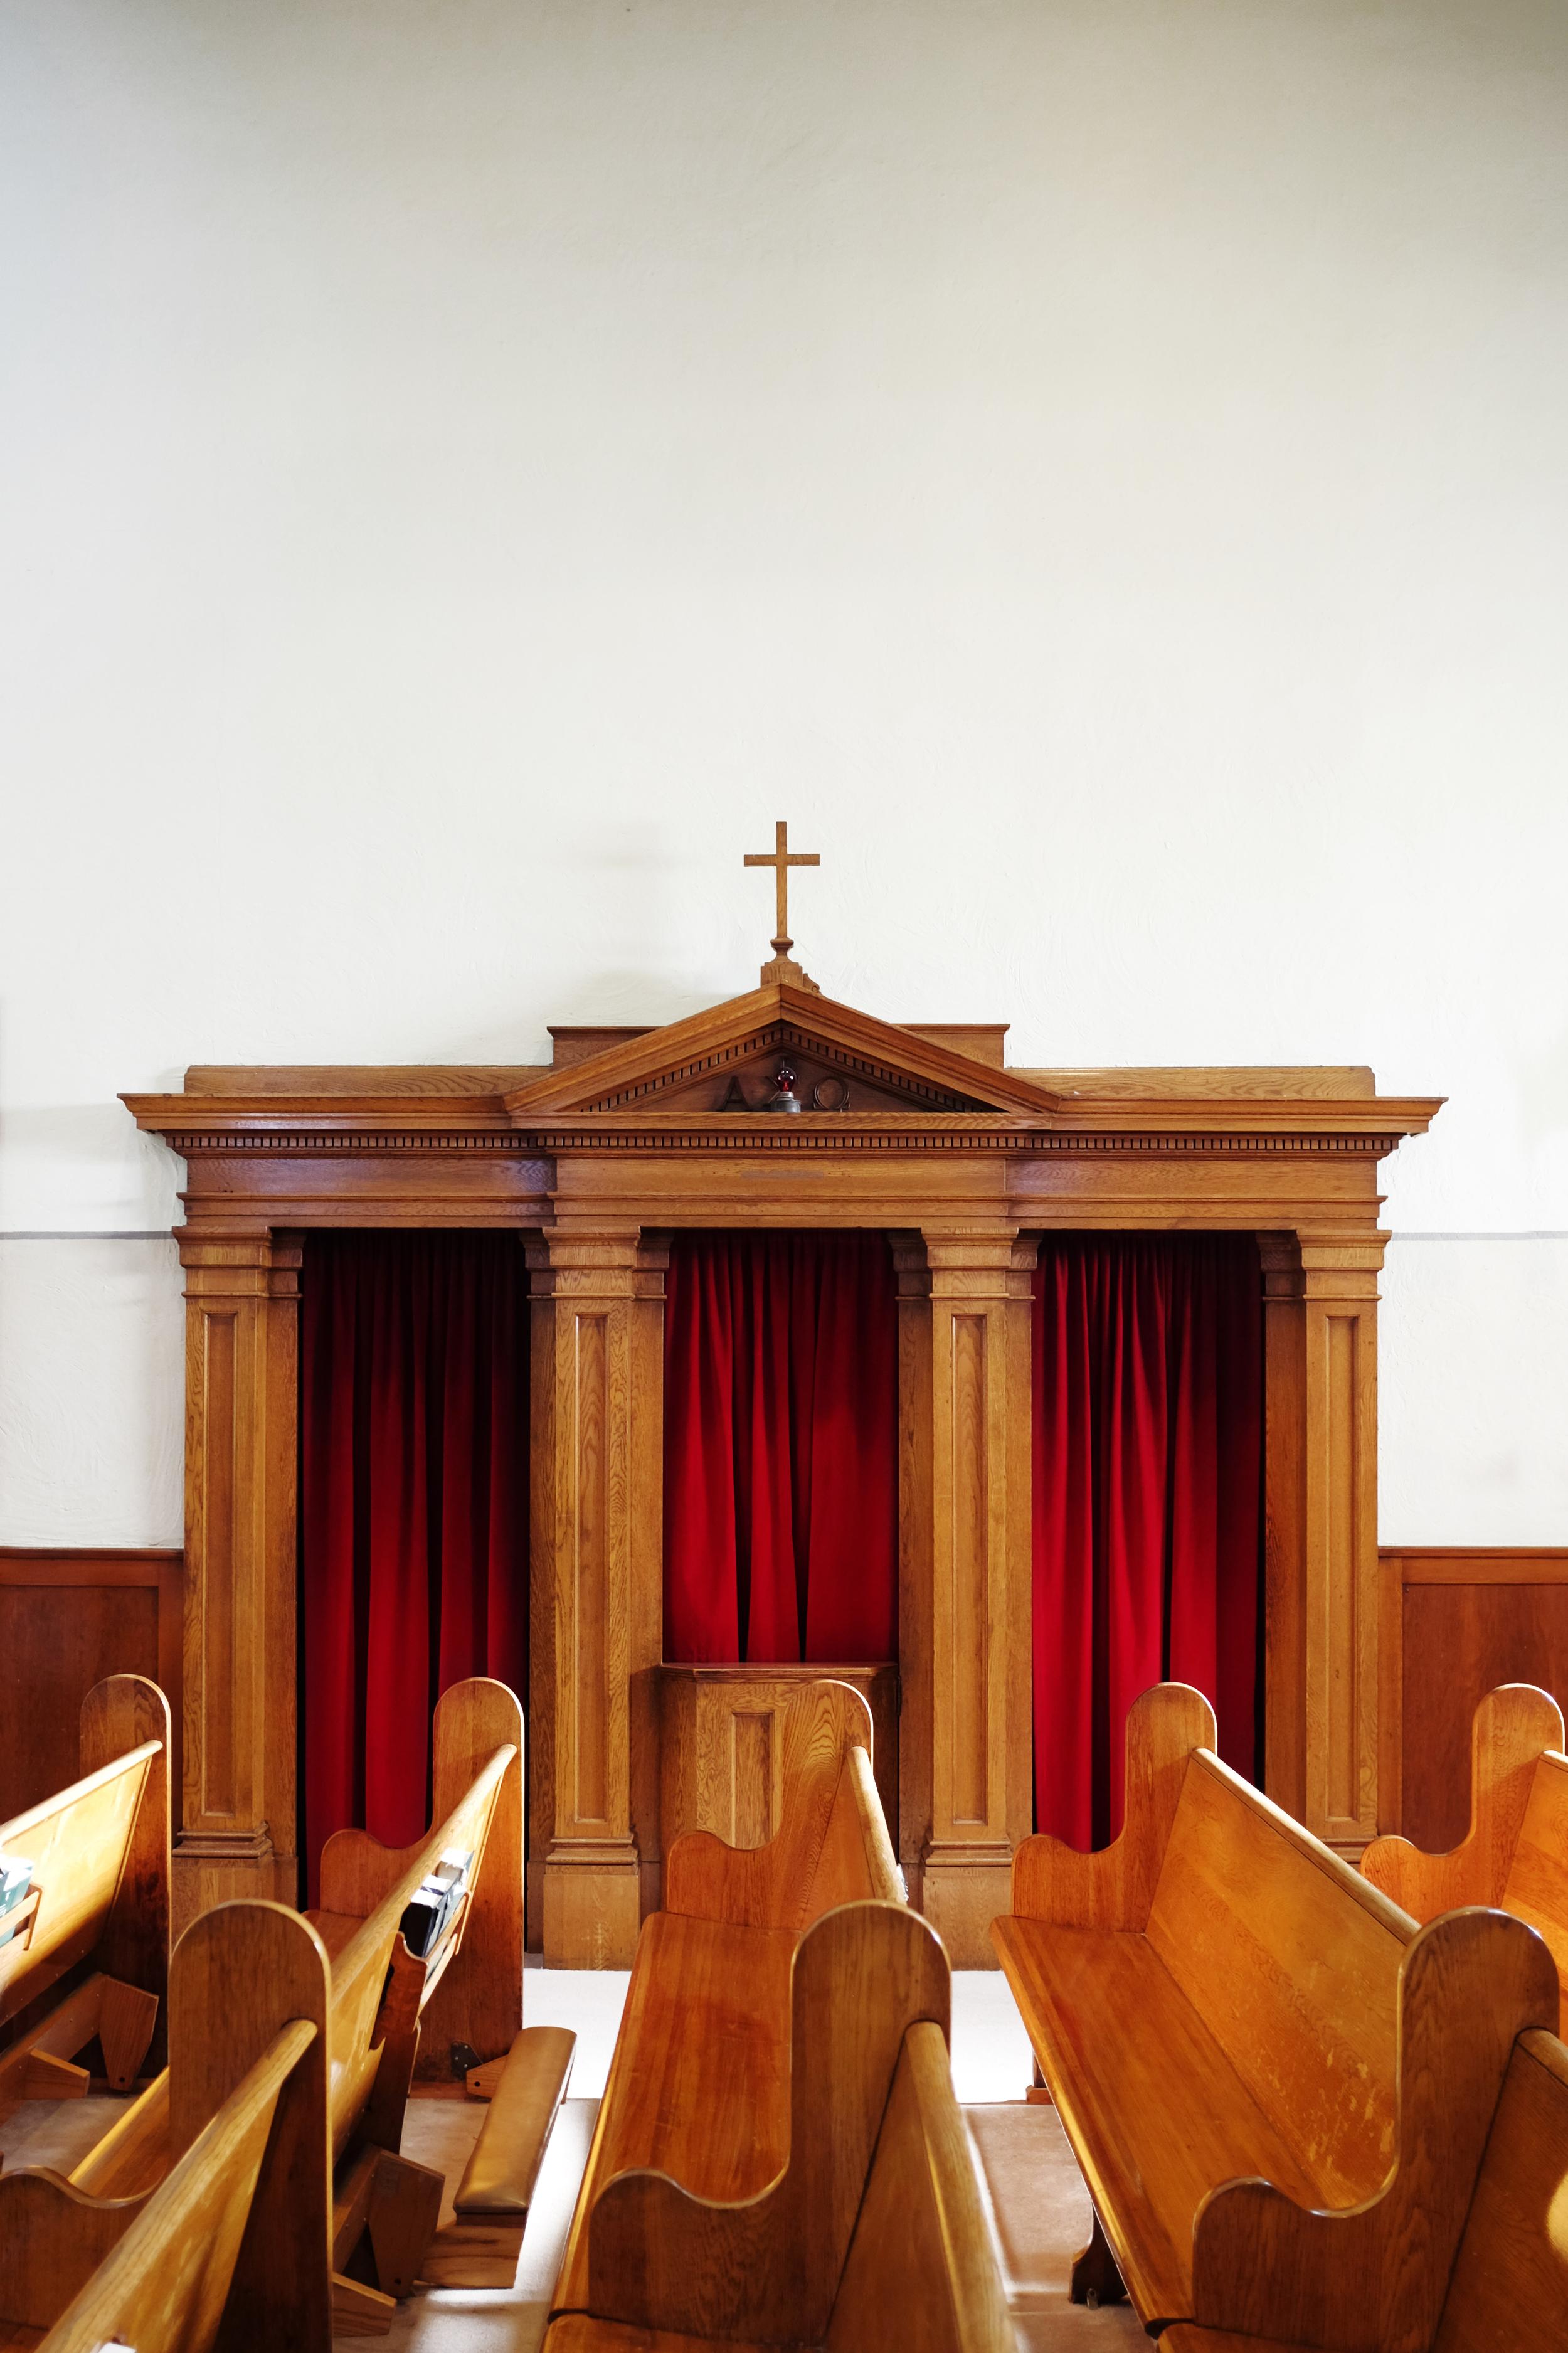 Church_Pews_Confession_Red_DSCF8678.jpg